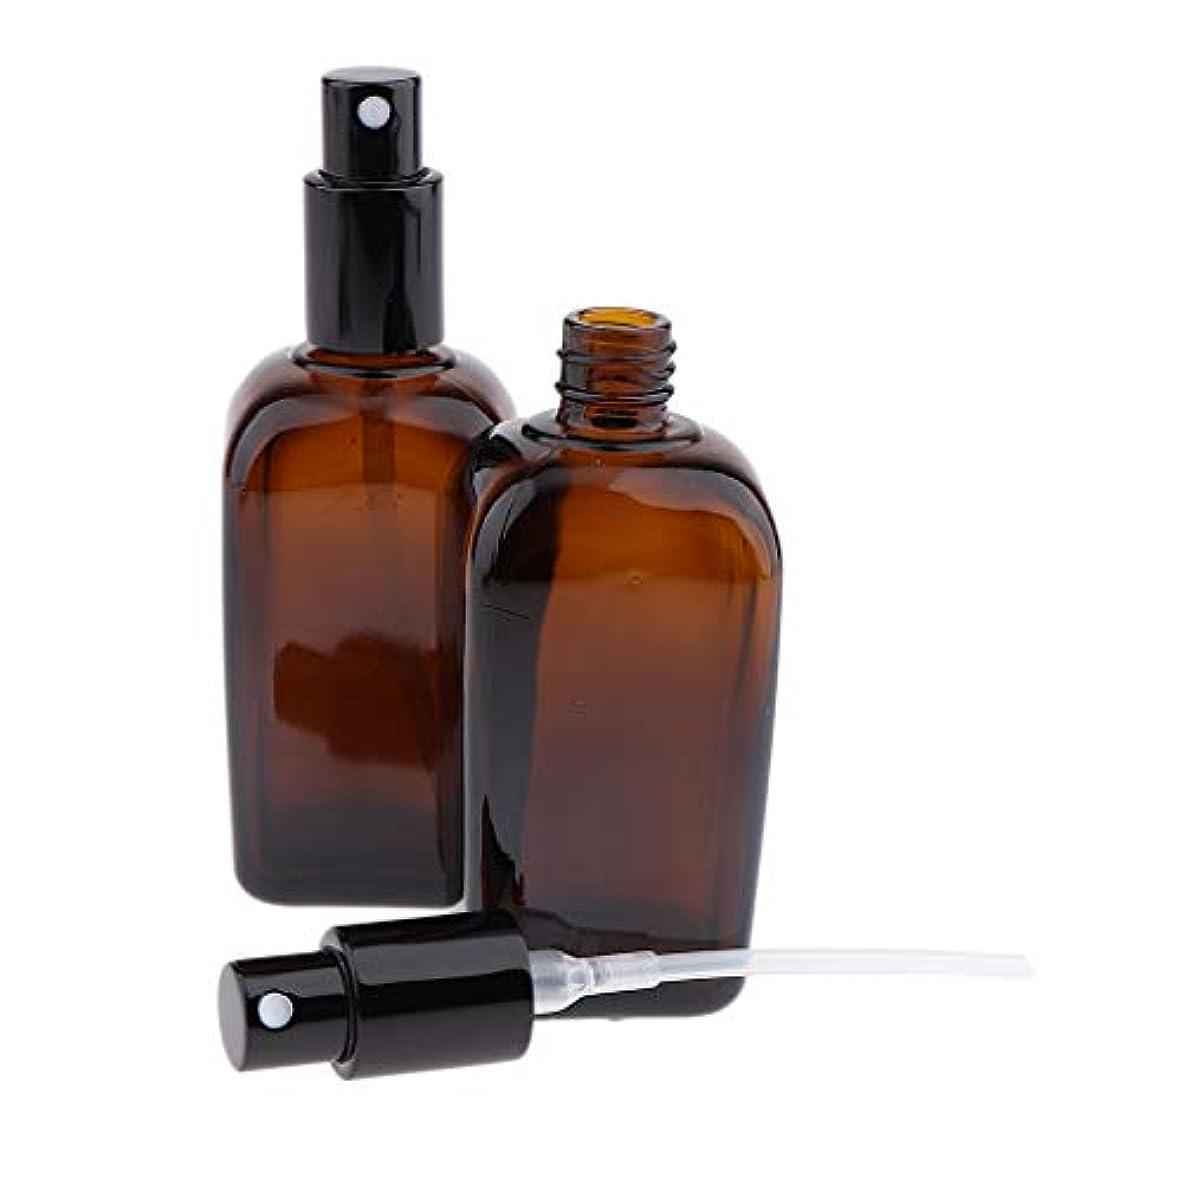 分夢免疫するF Fityle 2本 ポンプスプレーボトル 香水ボトル 噴霧器 ガラスびん 5サイズ選べ - 100ml